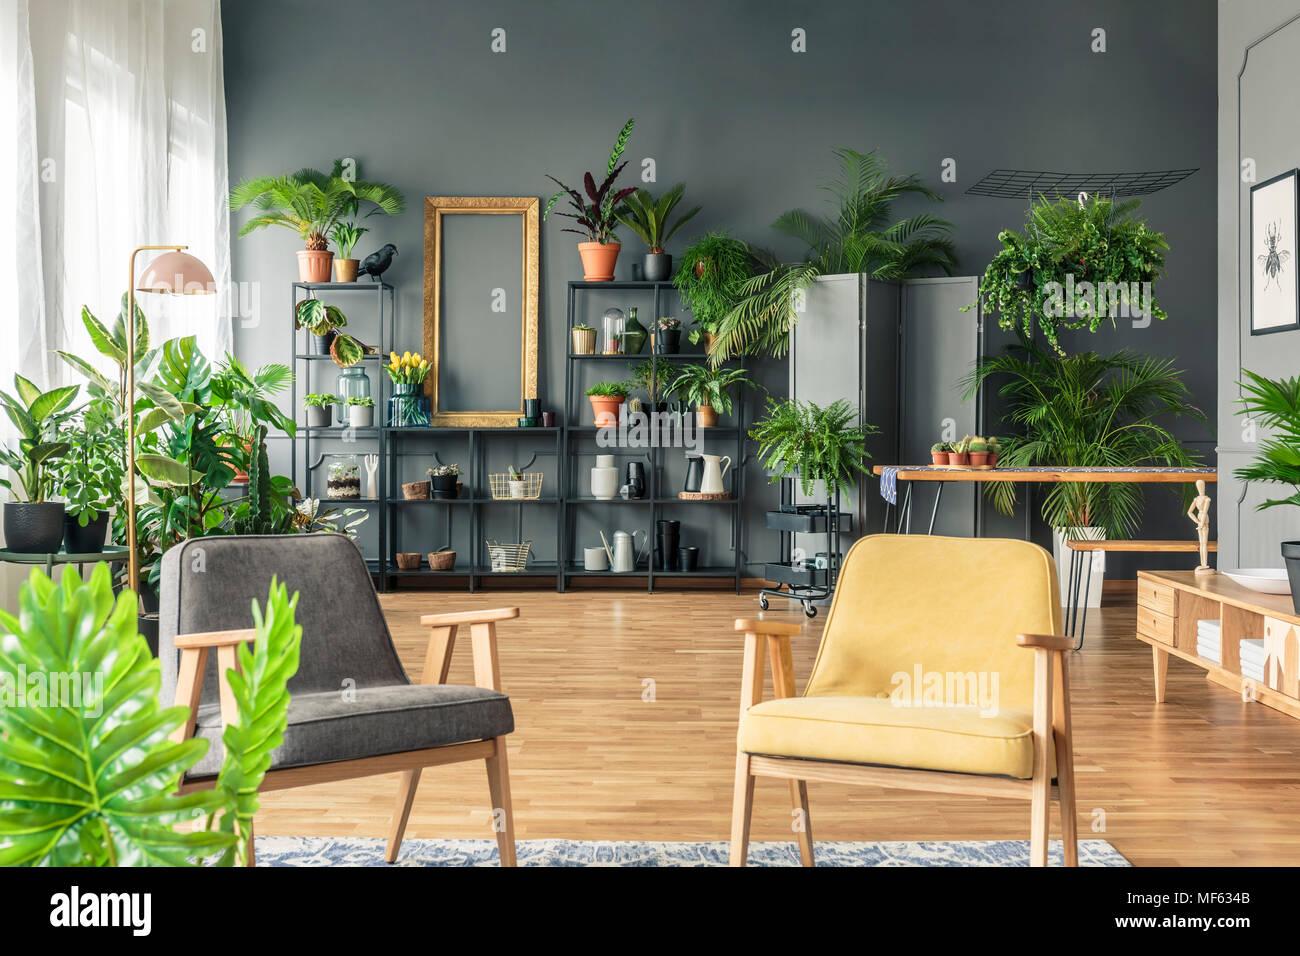 Grauen Und Gelben Sessel Im Wohnzimmer Einrichtung Mit Pflanzen Auf